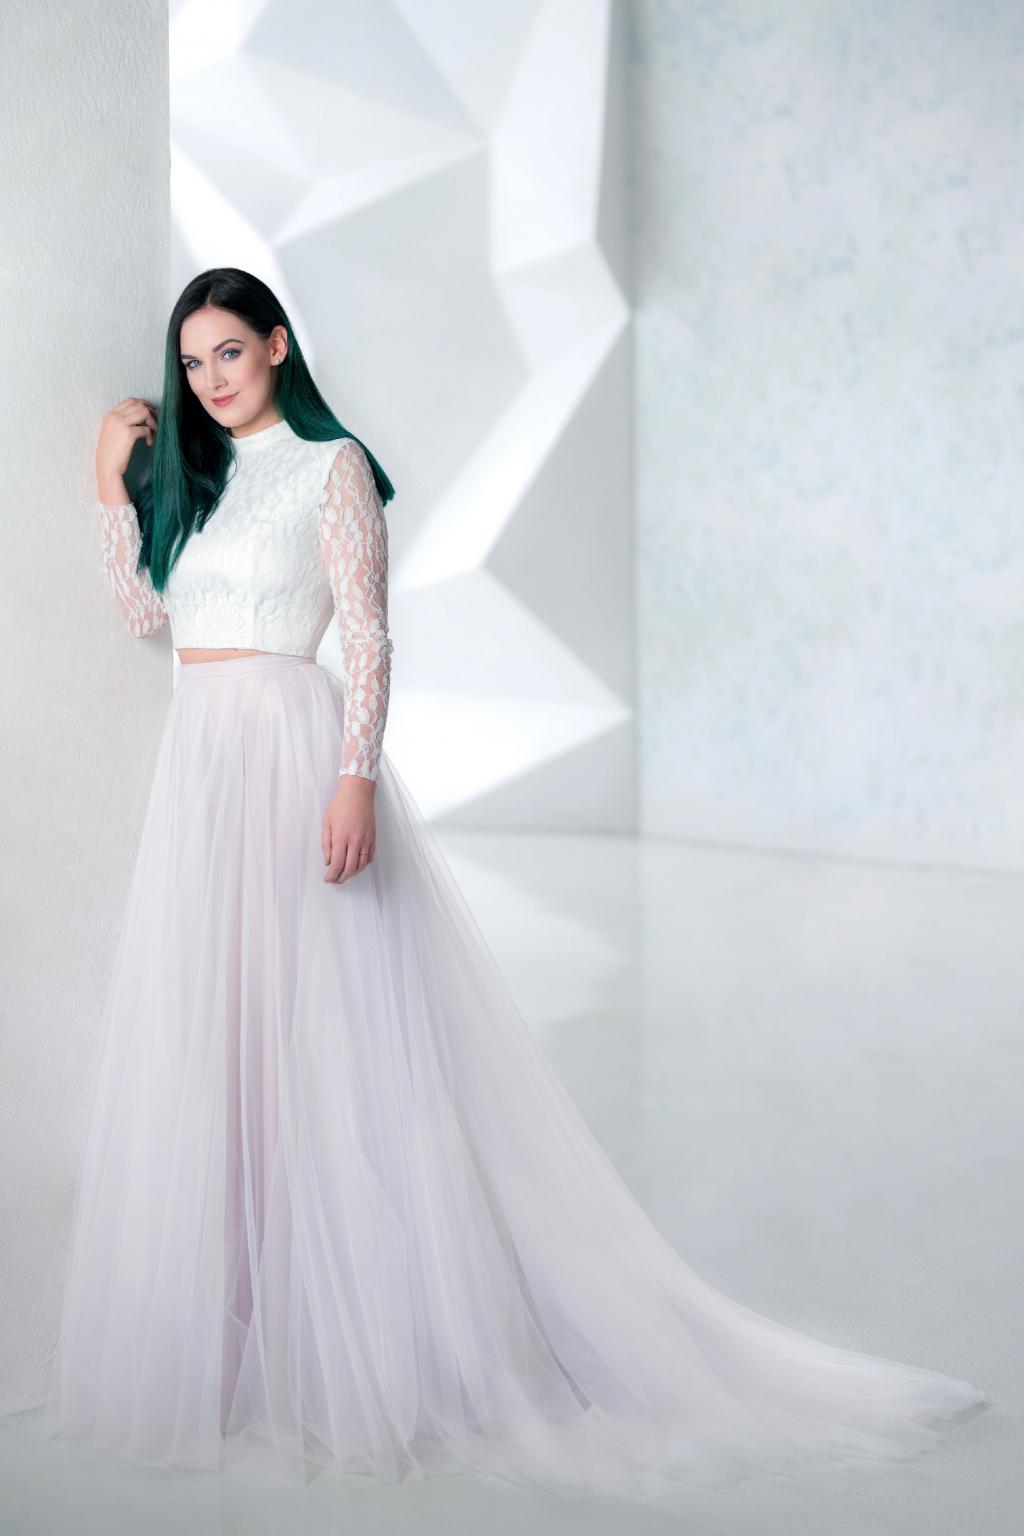 94781d9e5d8 Svatební šaty ADRIA s crop topem a tylovou sukní - MiaBella